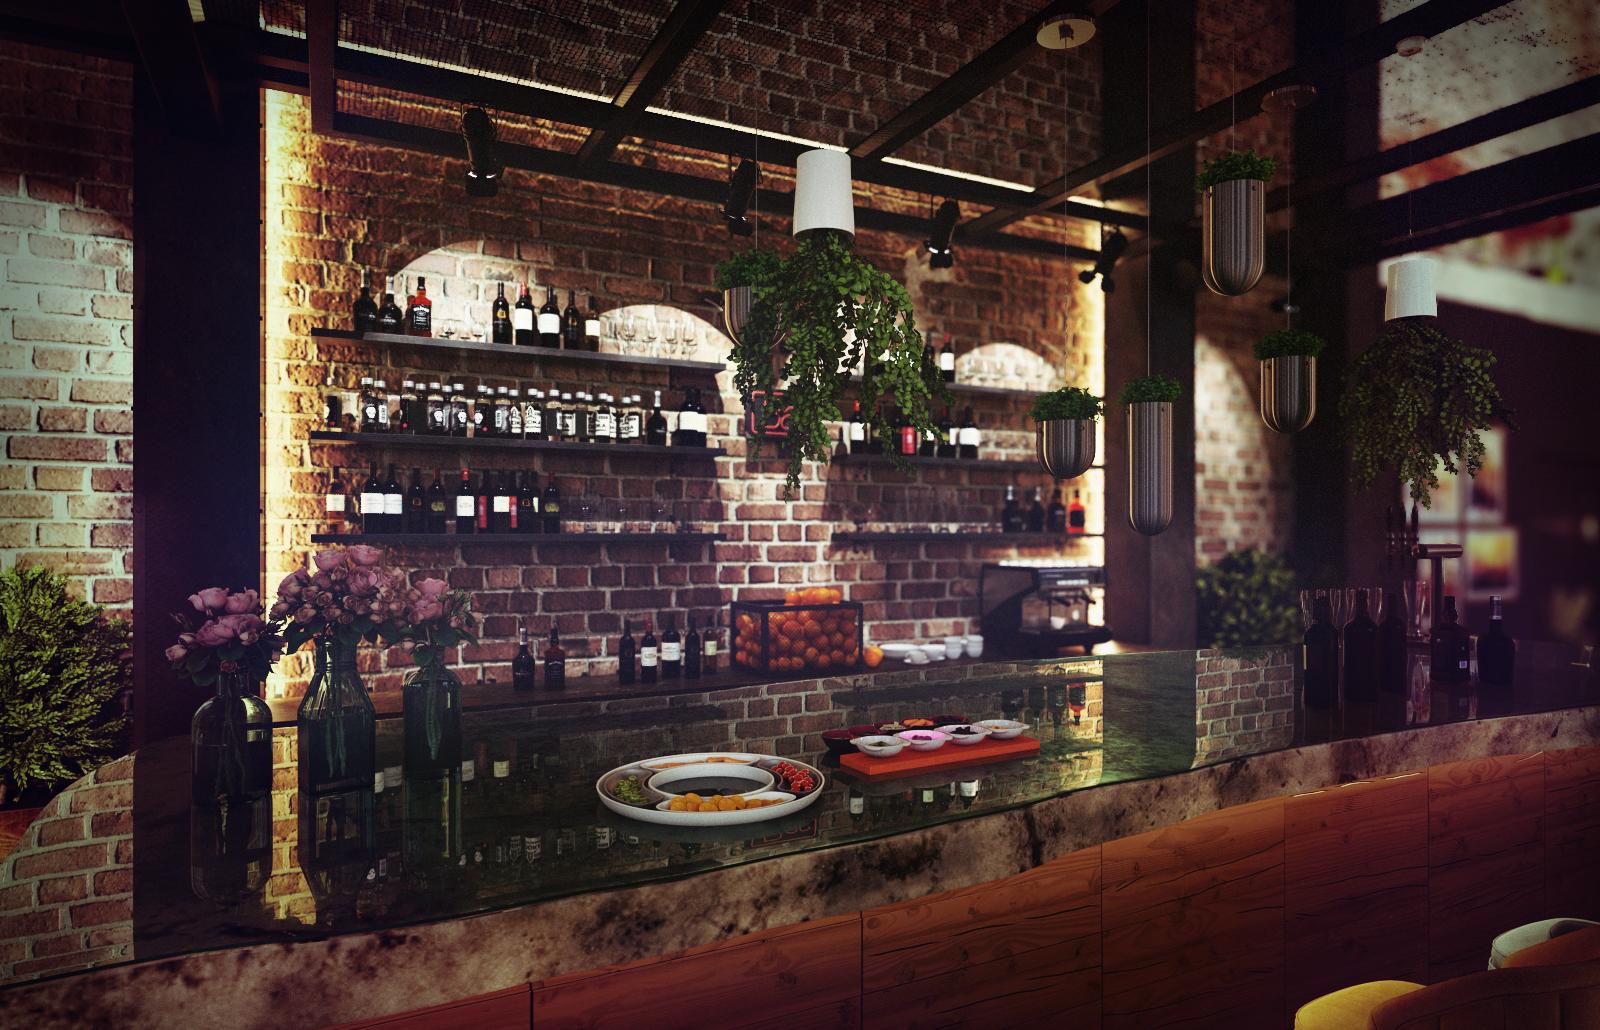 Restaurant 6 by pitposum